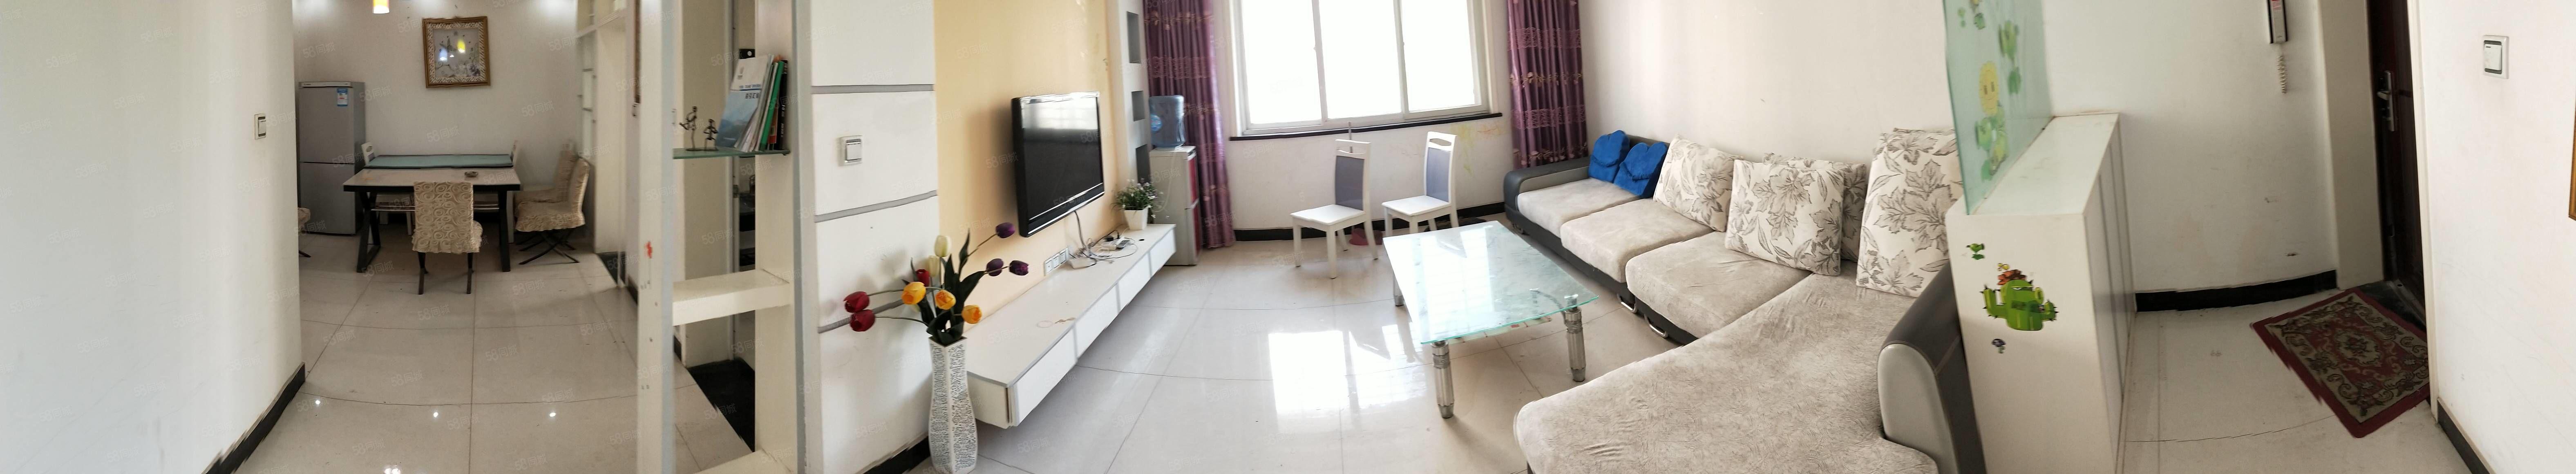 桃花岛两室两厅精装修全套家具家电仅售41.8万